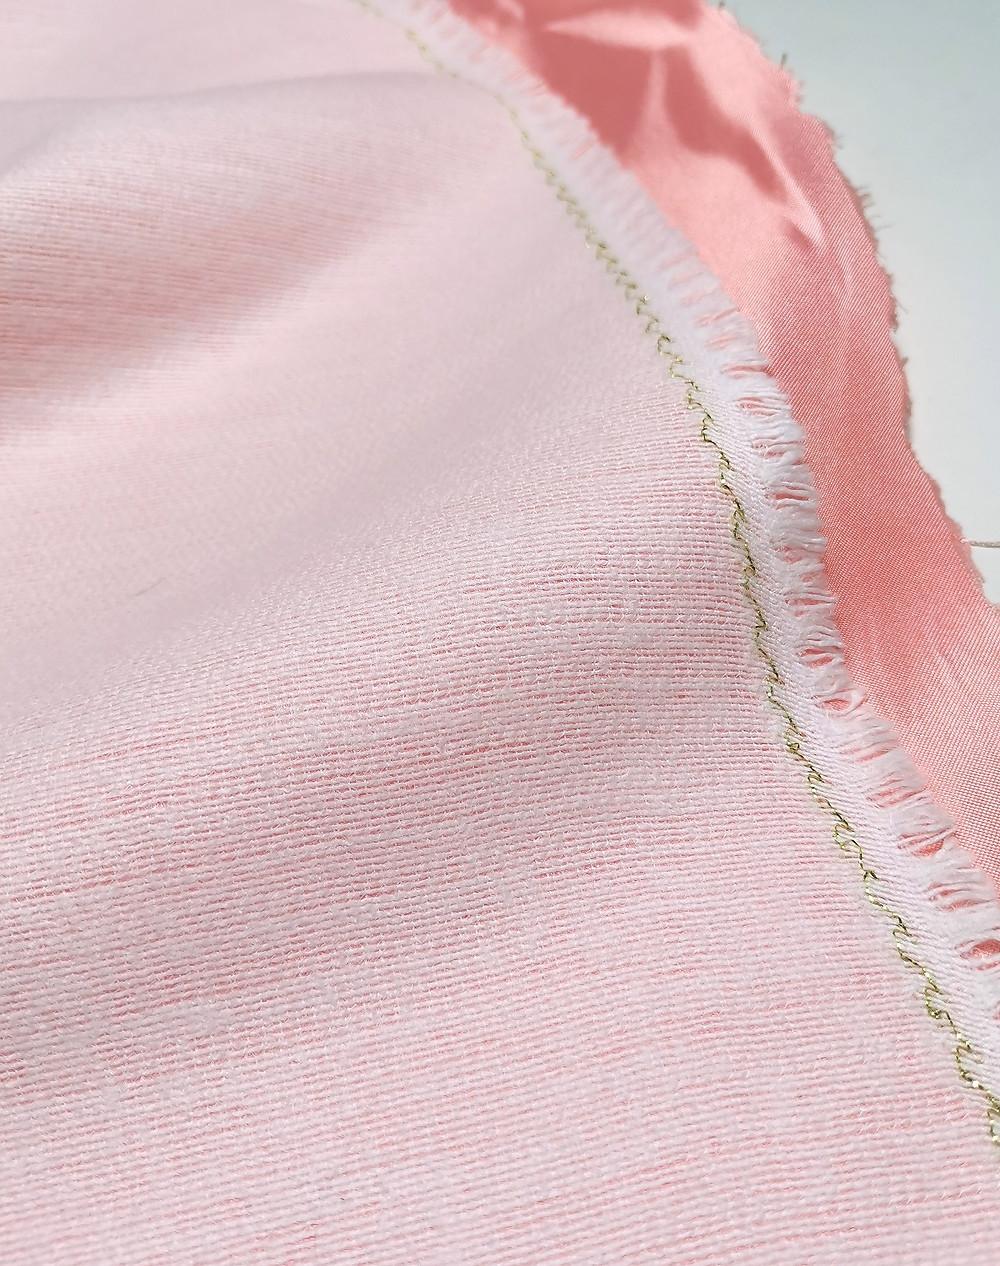 fusible woven jacket interfacing close up